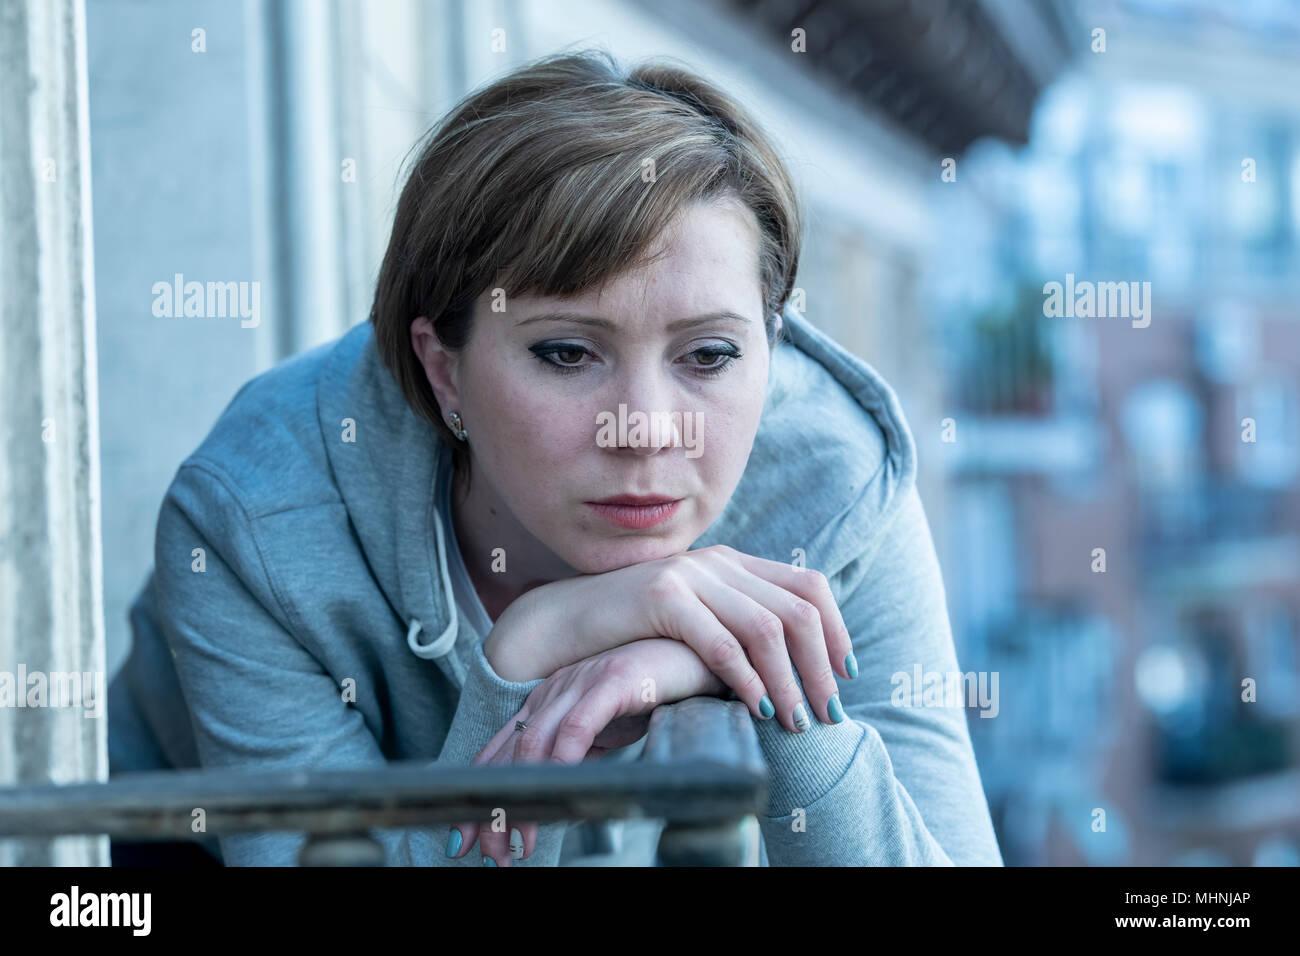 Belle jeune femme malheureux seul souffrant de dépression fixant sans espoir et inquiétude sur le balcon à la maison. avoir un sentiment d'échec, dissat Photo Stock